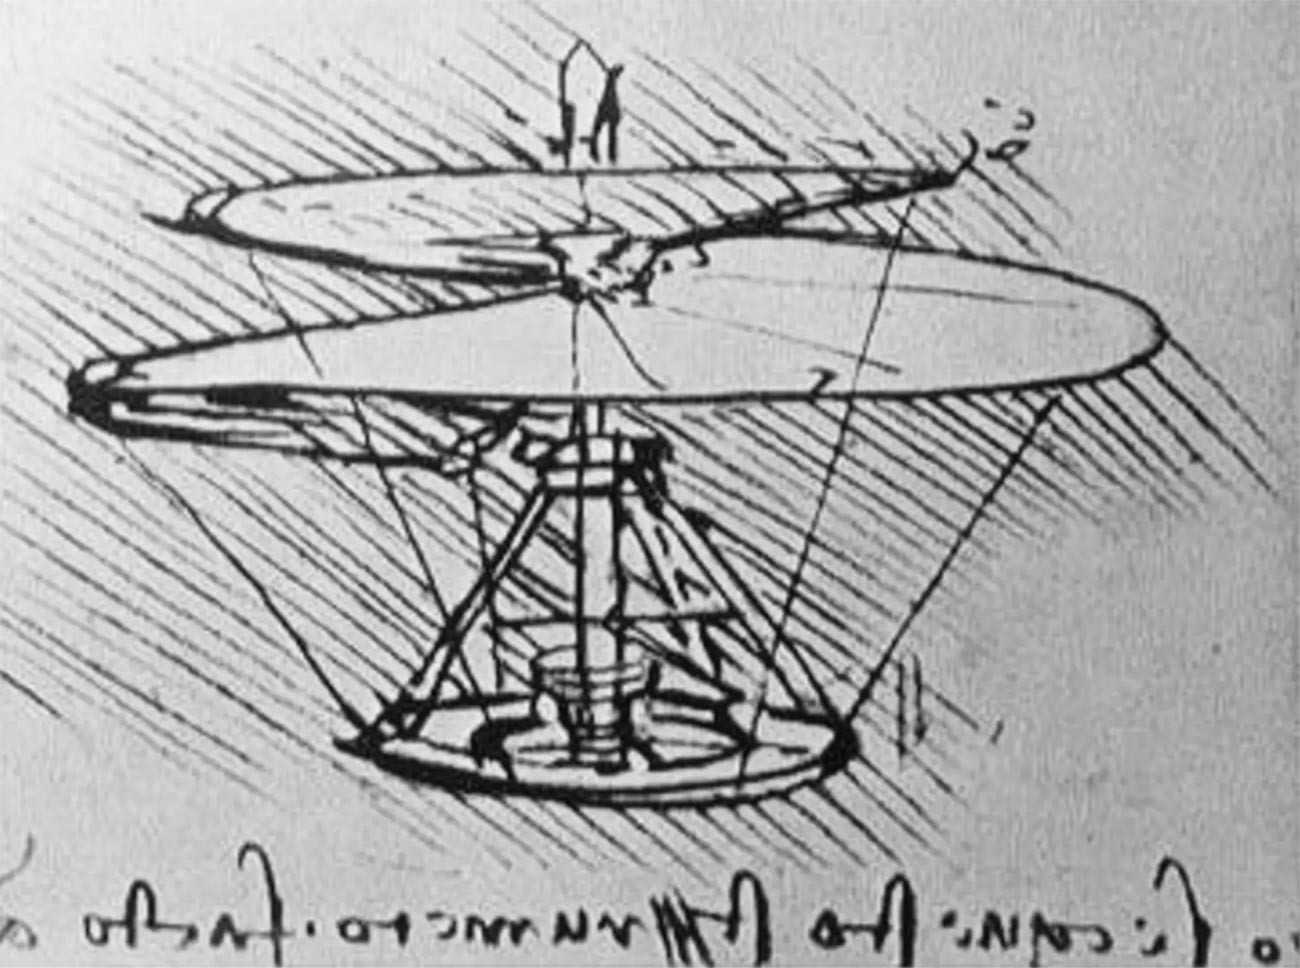 Hubschrauberprototyp von Leonardo da Vinci